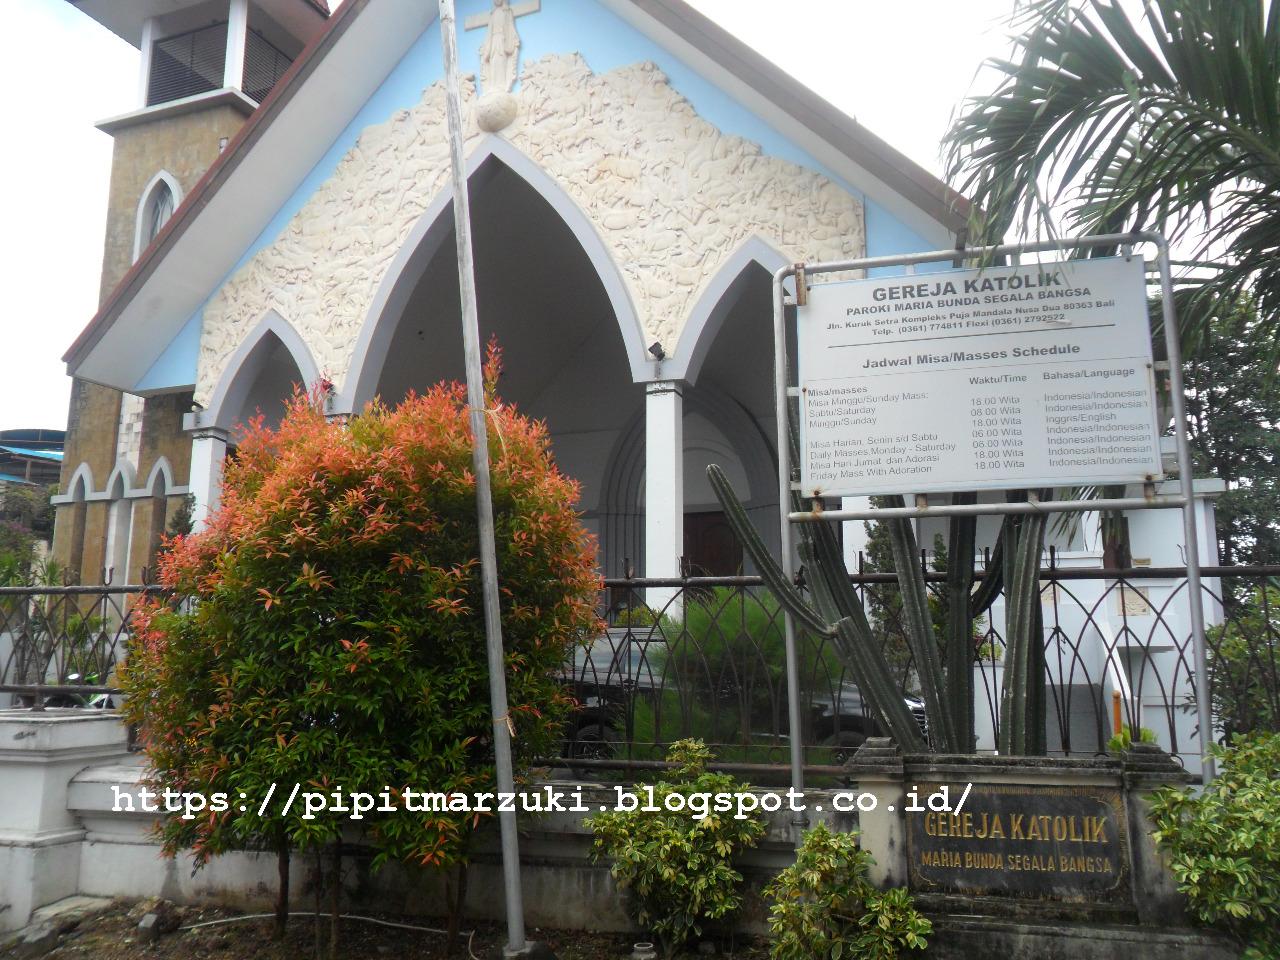 Pipit Marzuki Tanjung Benoa Nusa Dua Puja Mandala Berakhir Gereja